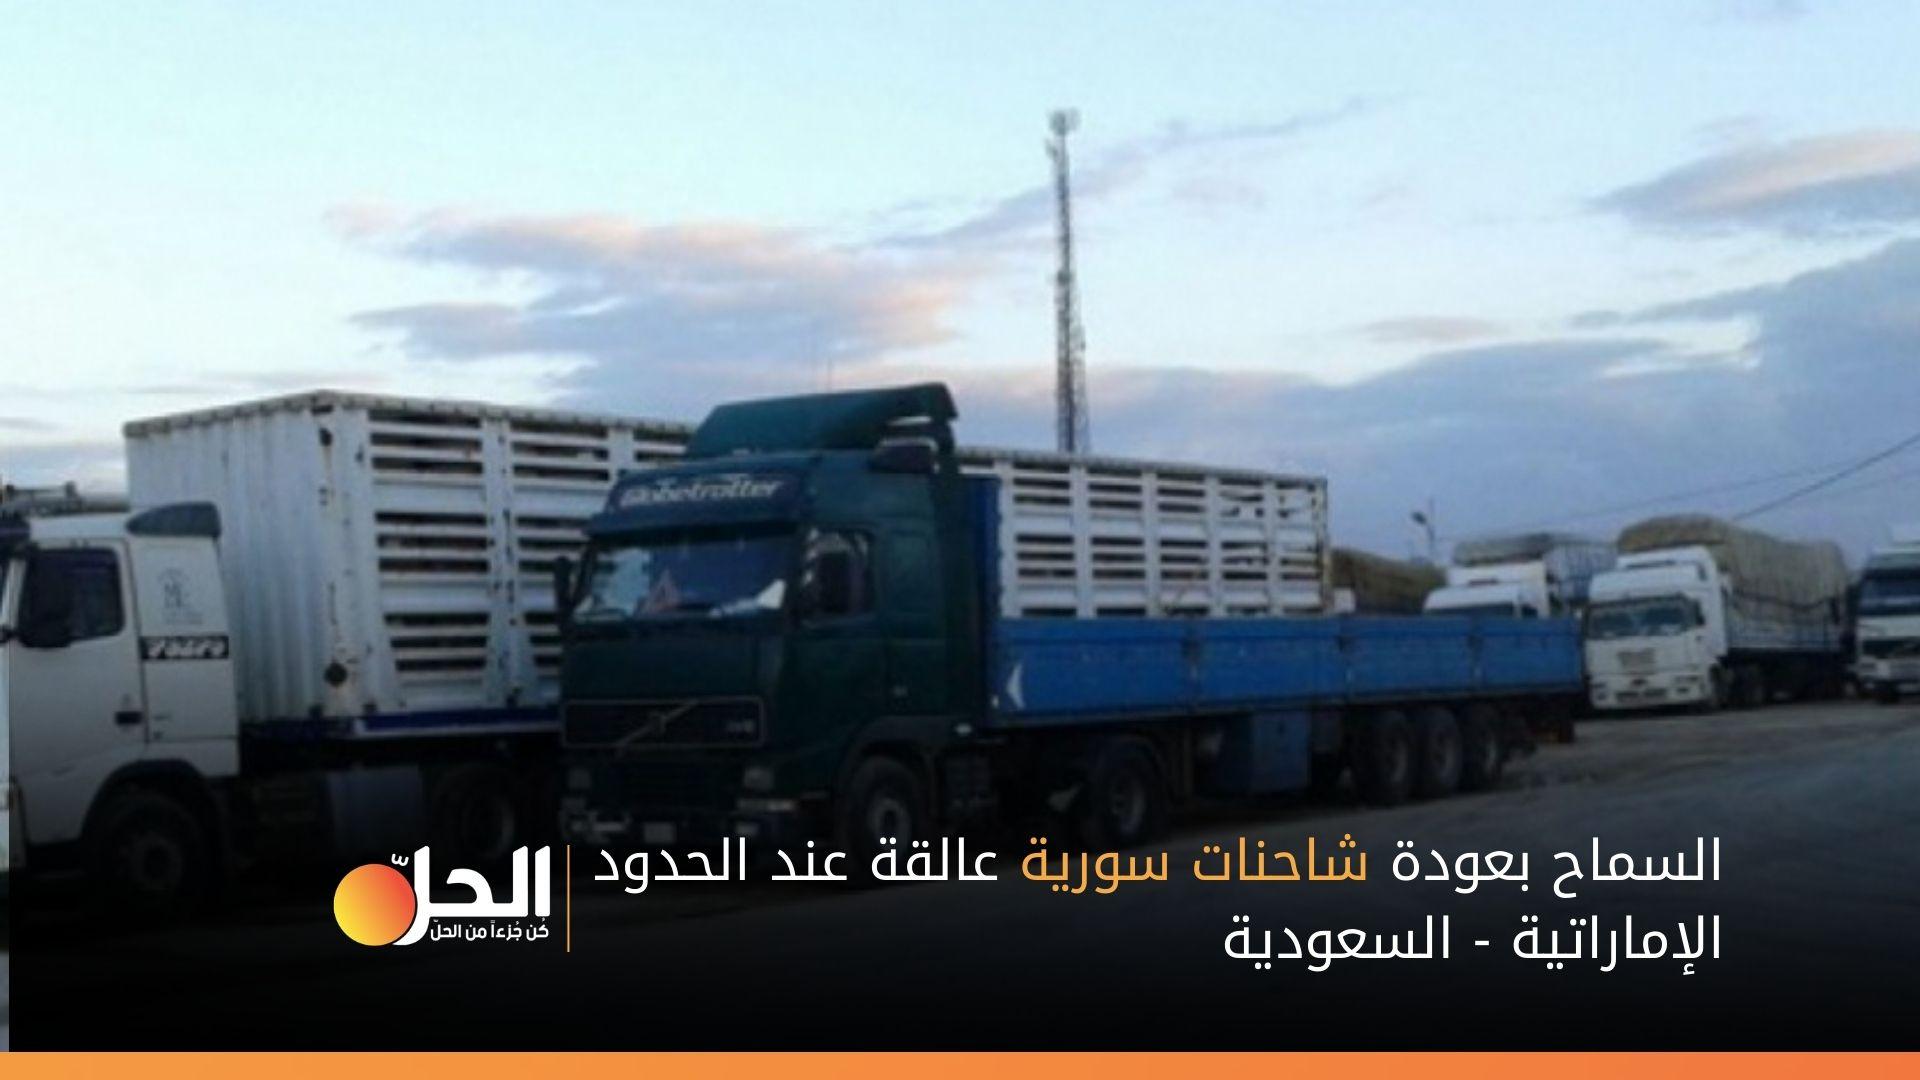 السماح بعودة شاحنات سورية عالقة عند الحدود الإماراتية – السعودية